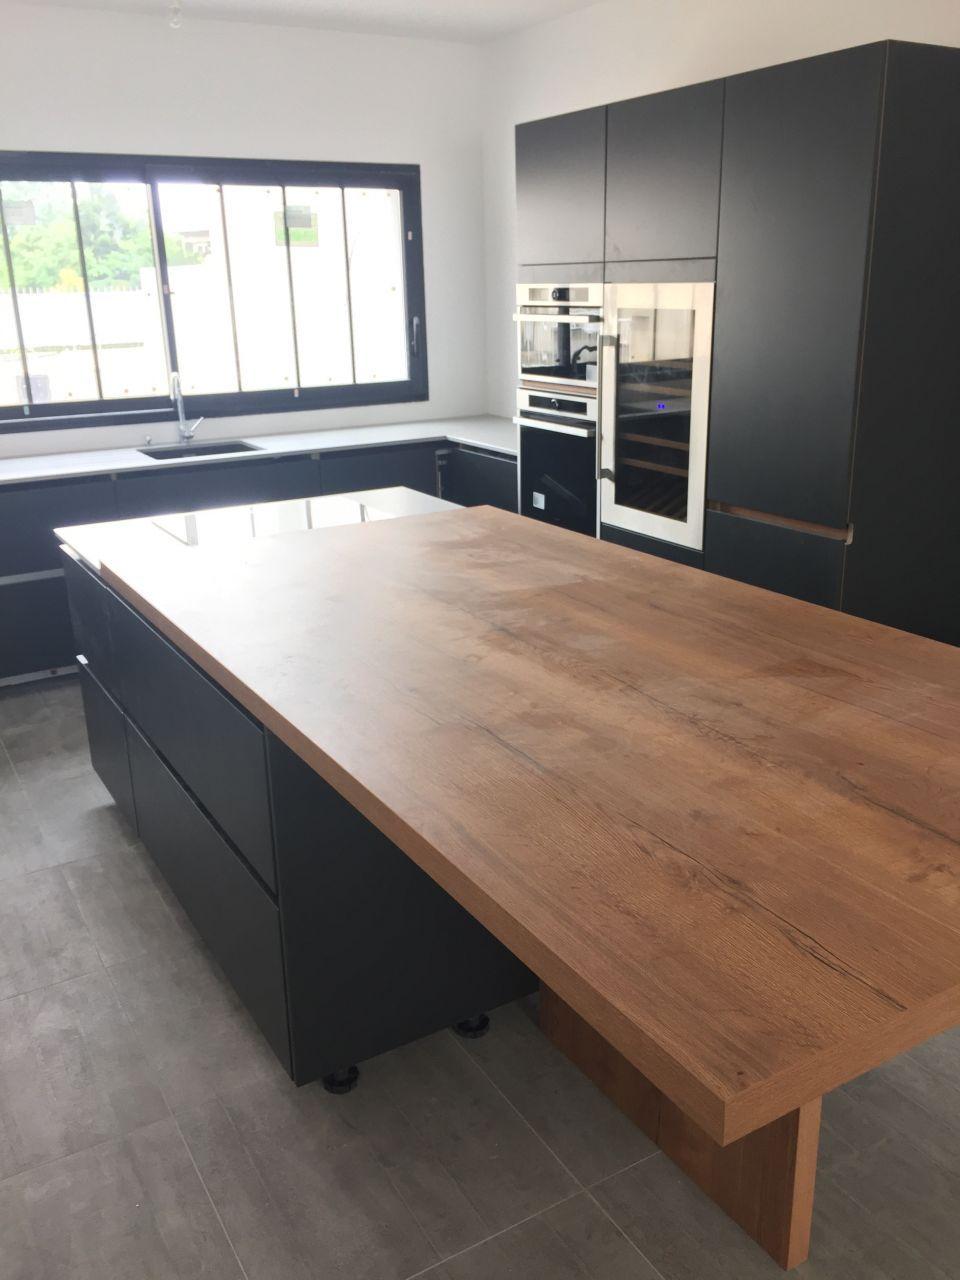 la cuisine avec son plan de travail dekton autour de l 39 evier et de la plaque de cuisson et la. Black Bedroom Furniture Sets. Home Design Ideas